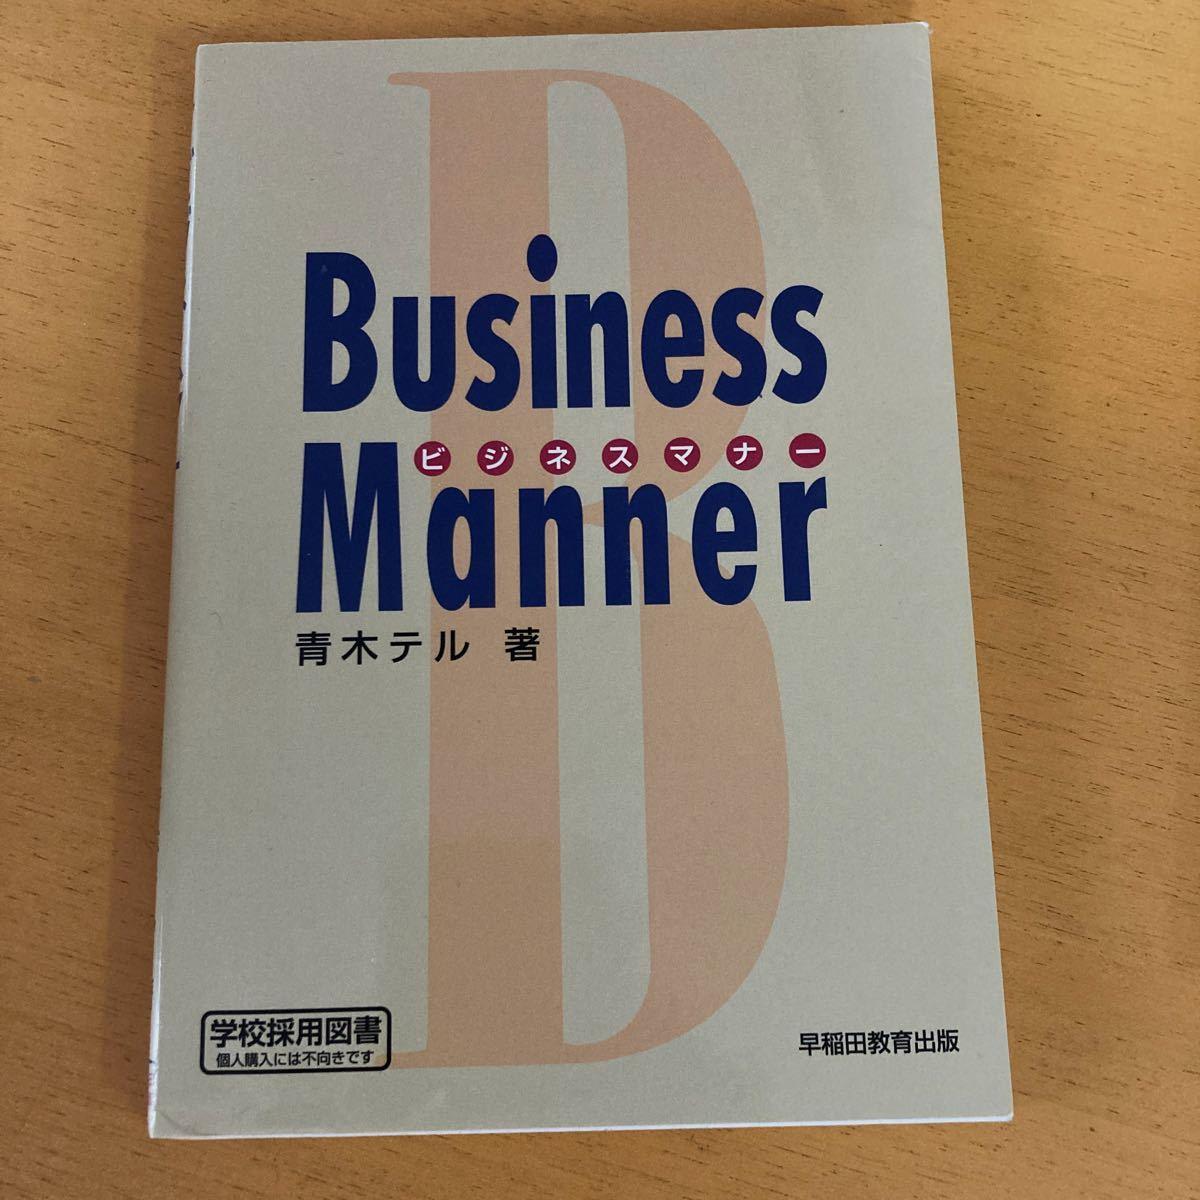 ビジネスマナー BusinessManner 青木テル 早稲田教育出版